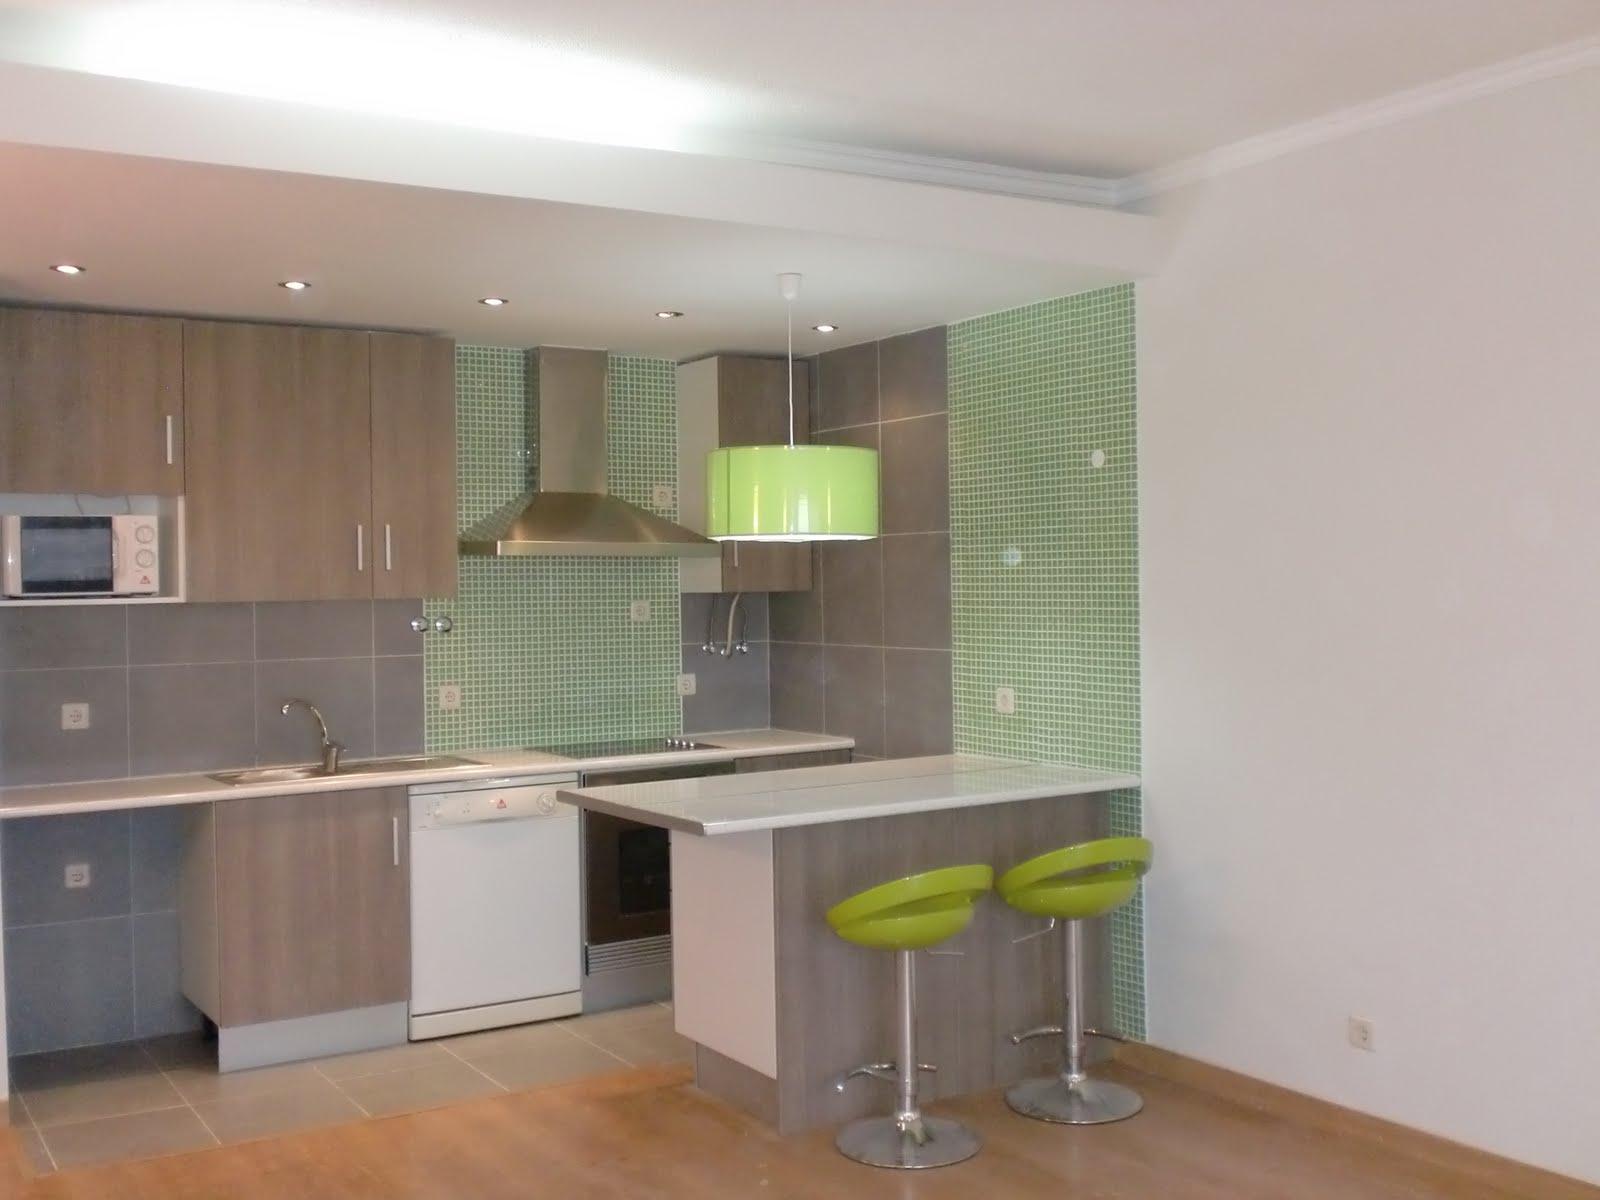 decoracao cozinha fotos:Decoração de Cozinhas de apartamentos  #8B5F40 1600 1200